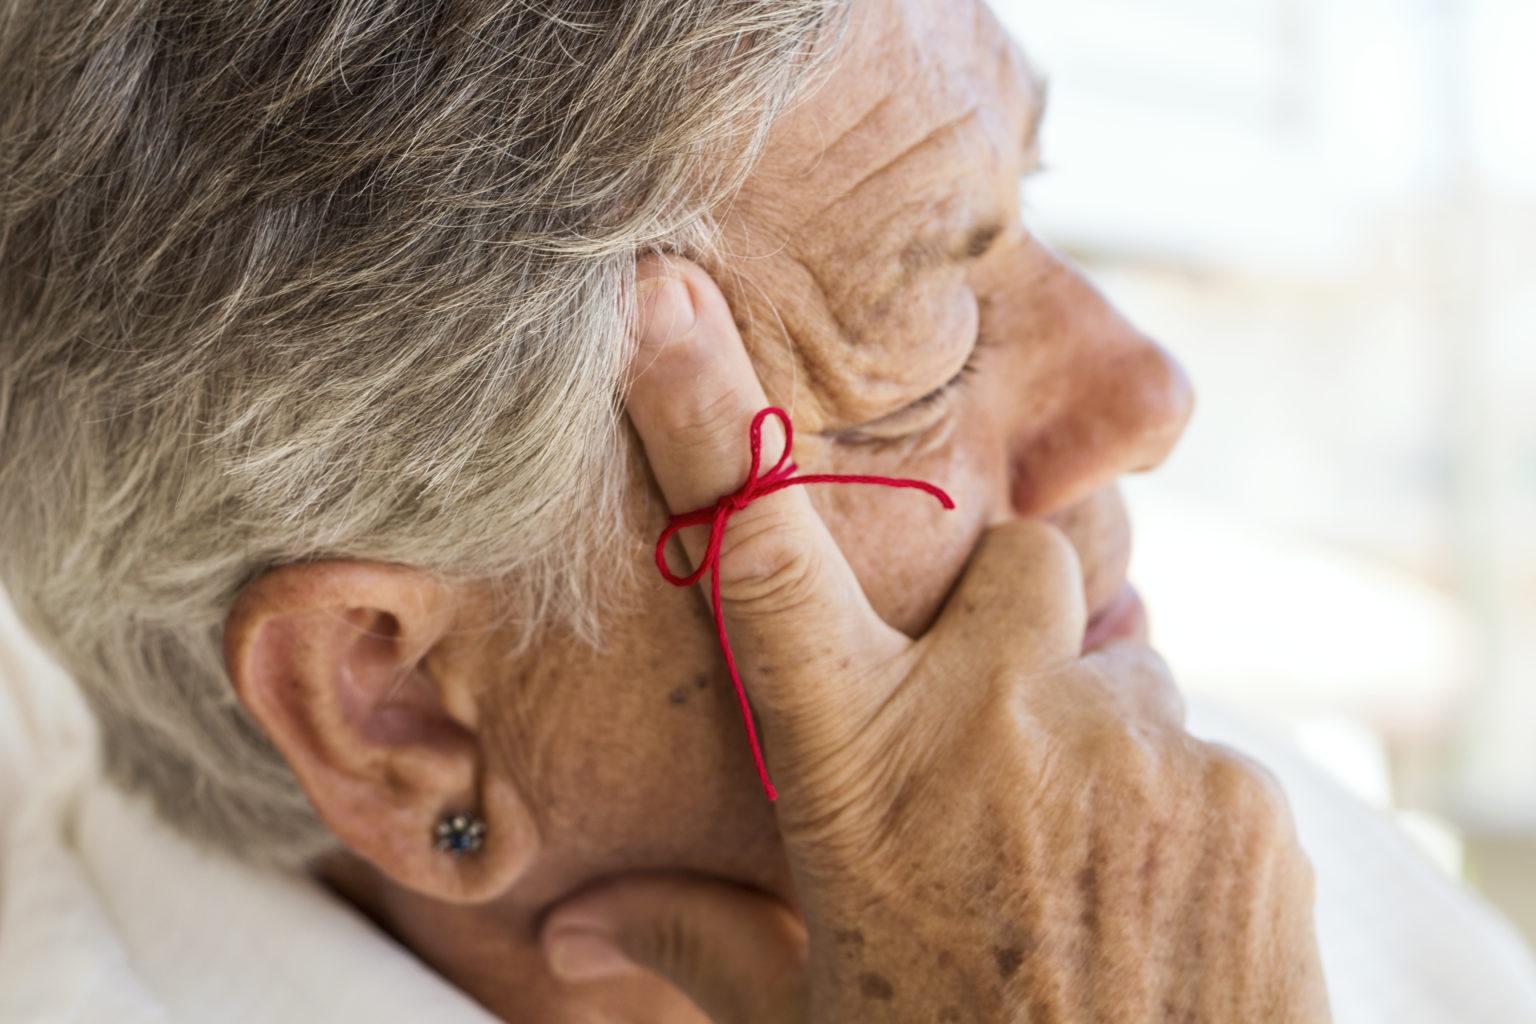 Demenz kranke Frau fasst sich an den Kopf die Angehörigen wissen nicht wie erkennen.